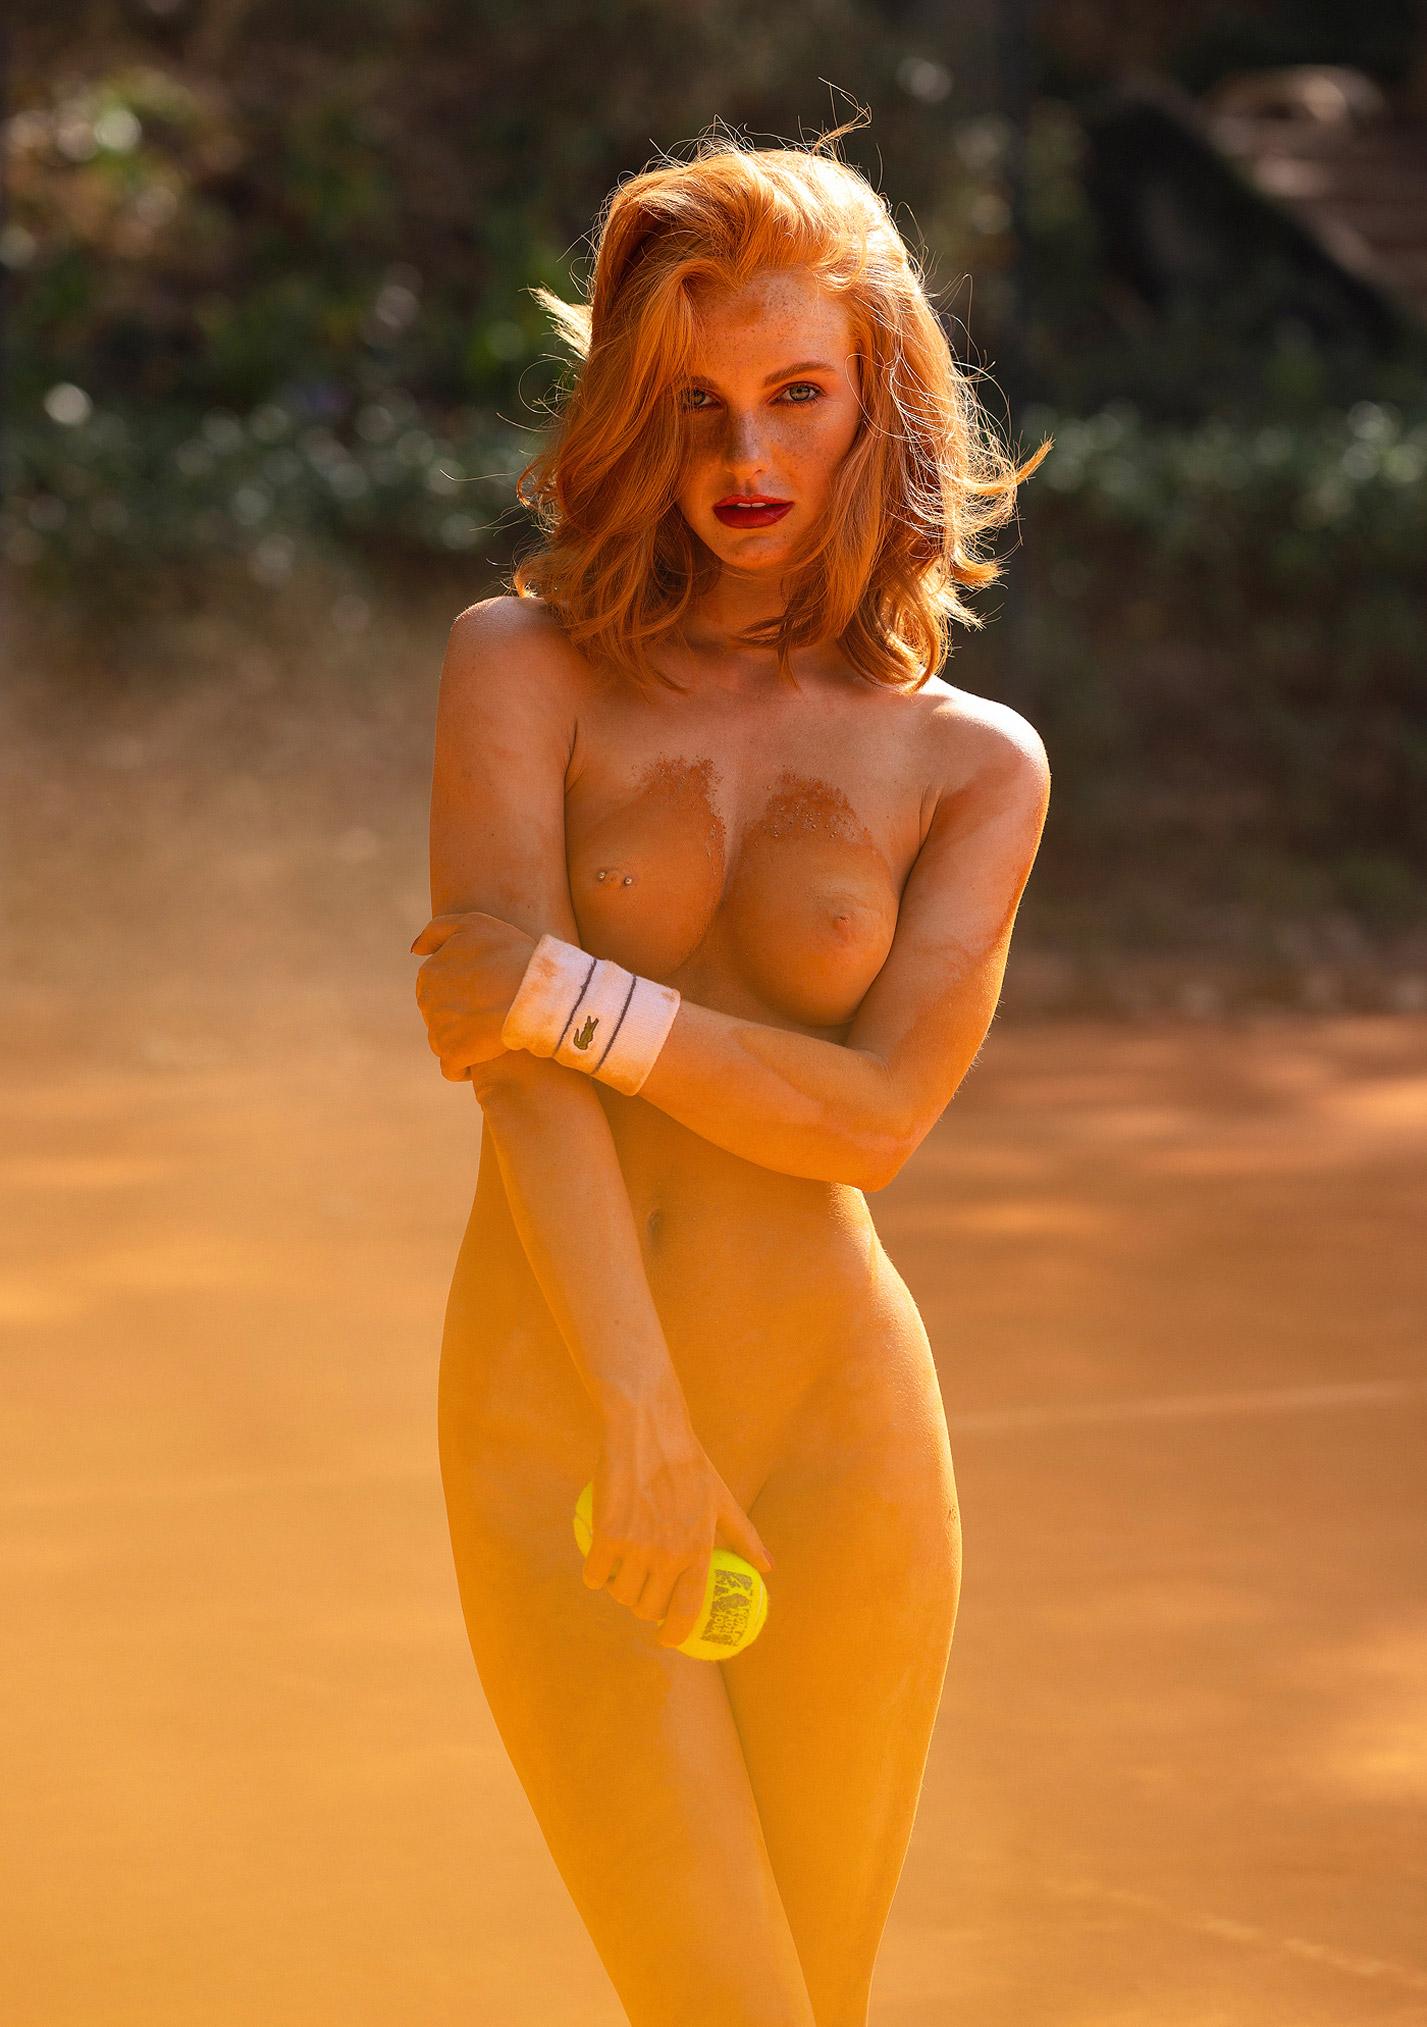 звезда голландского Playboy Свенья ван дер Богарт голая играет в теннис / фото 13